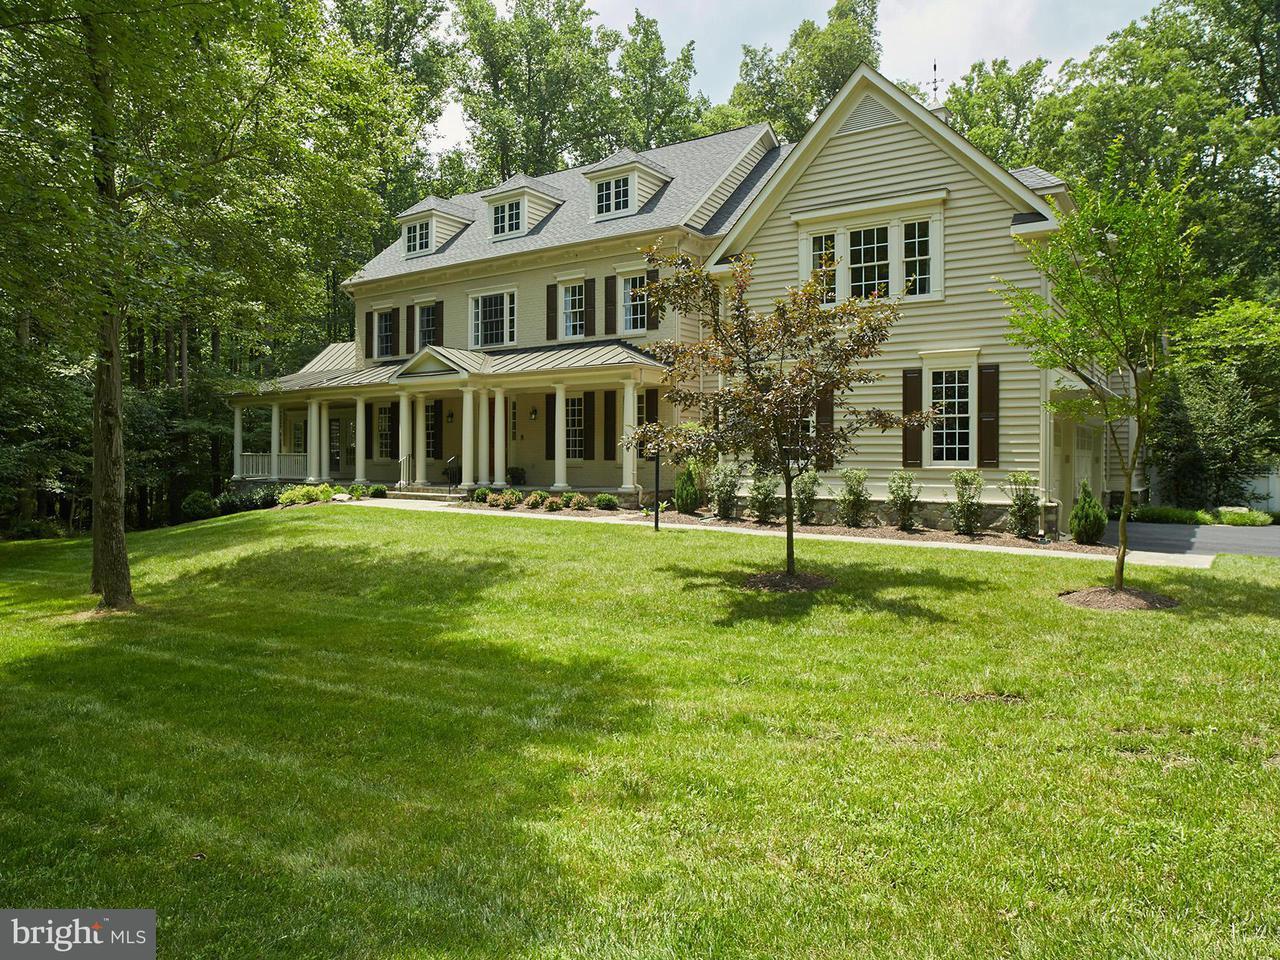 Частный односемейный дом для того Продажа на 2417 WESTMINSTER Drive 2417 WESTMINSTER Drive Olney, Мэриленд 20832 Соединенные Штаты